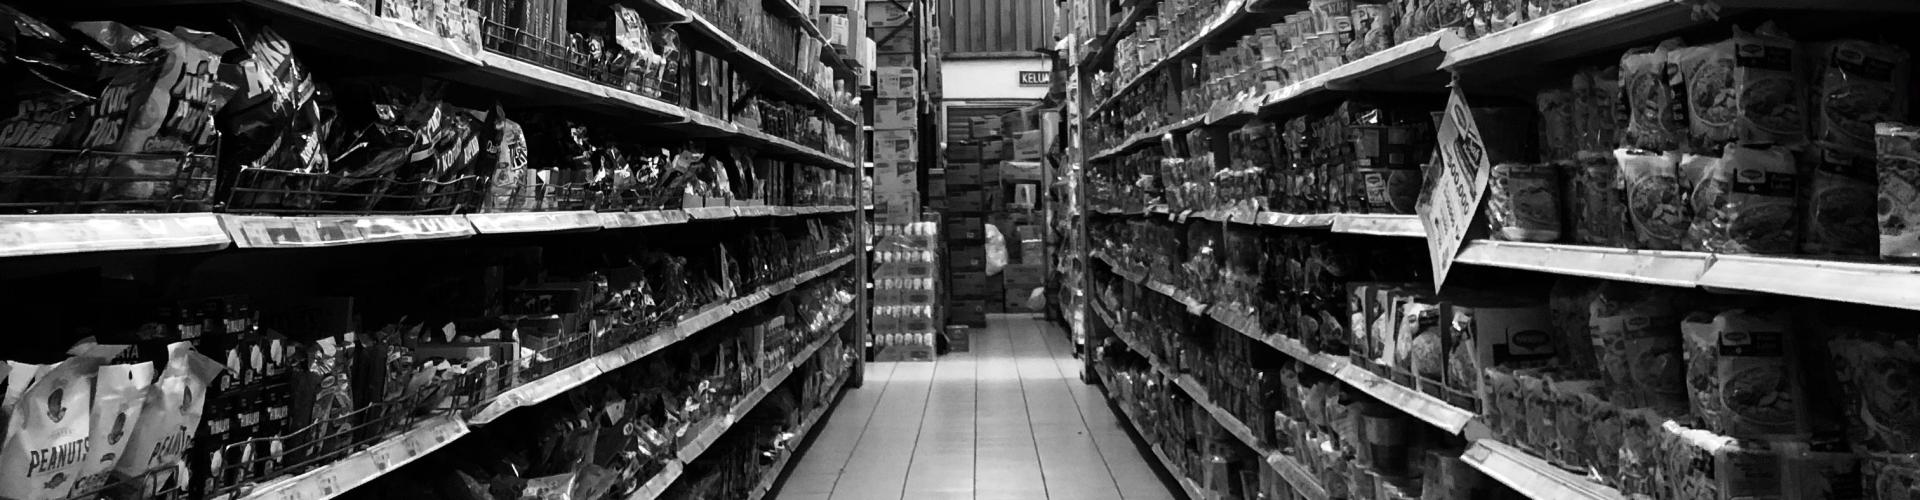 retail winkel kassa met service